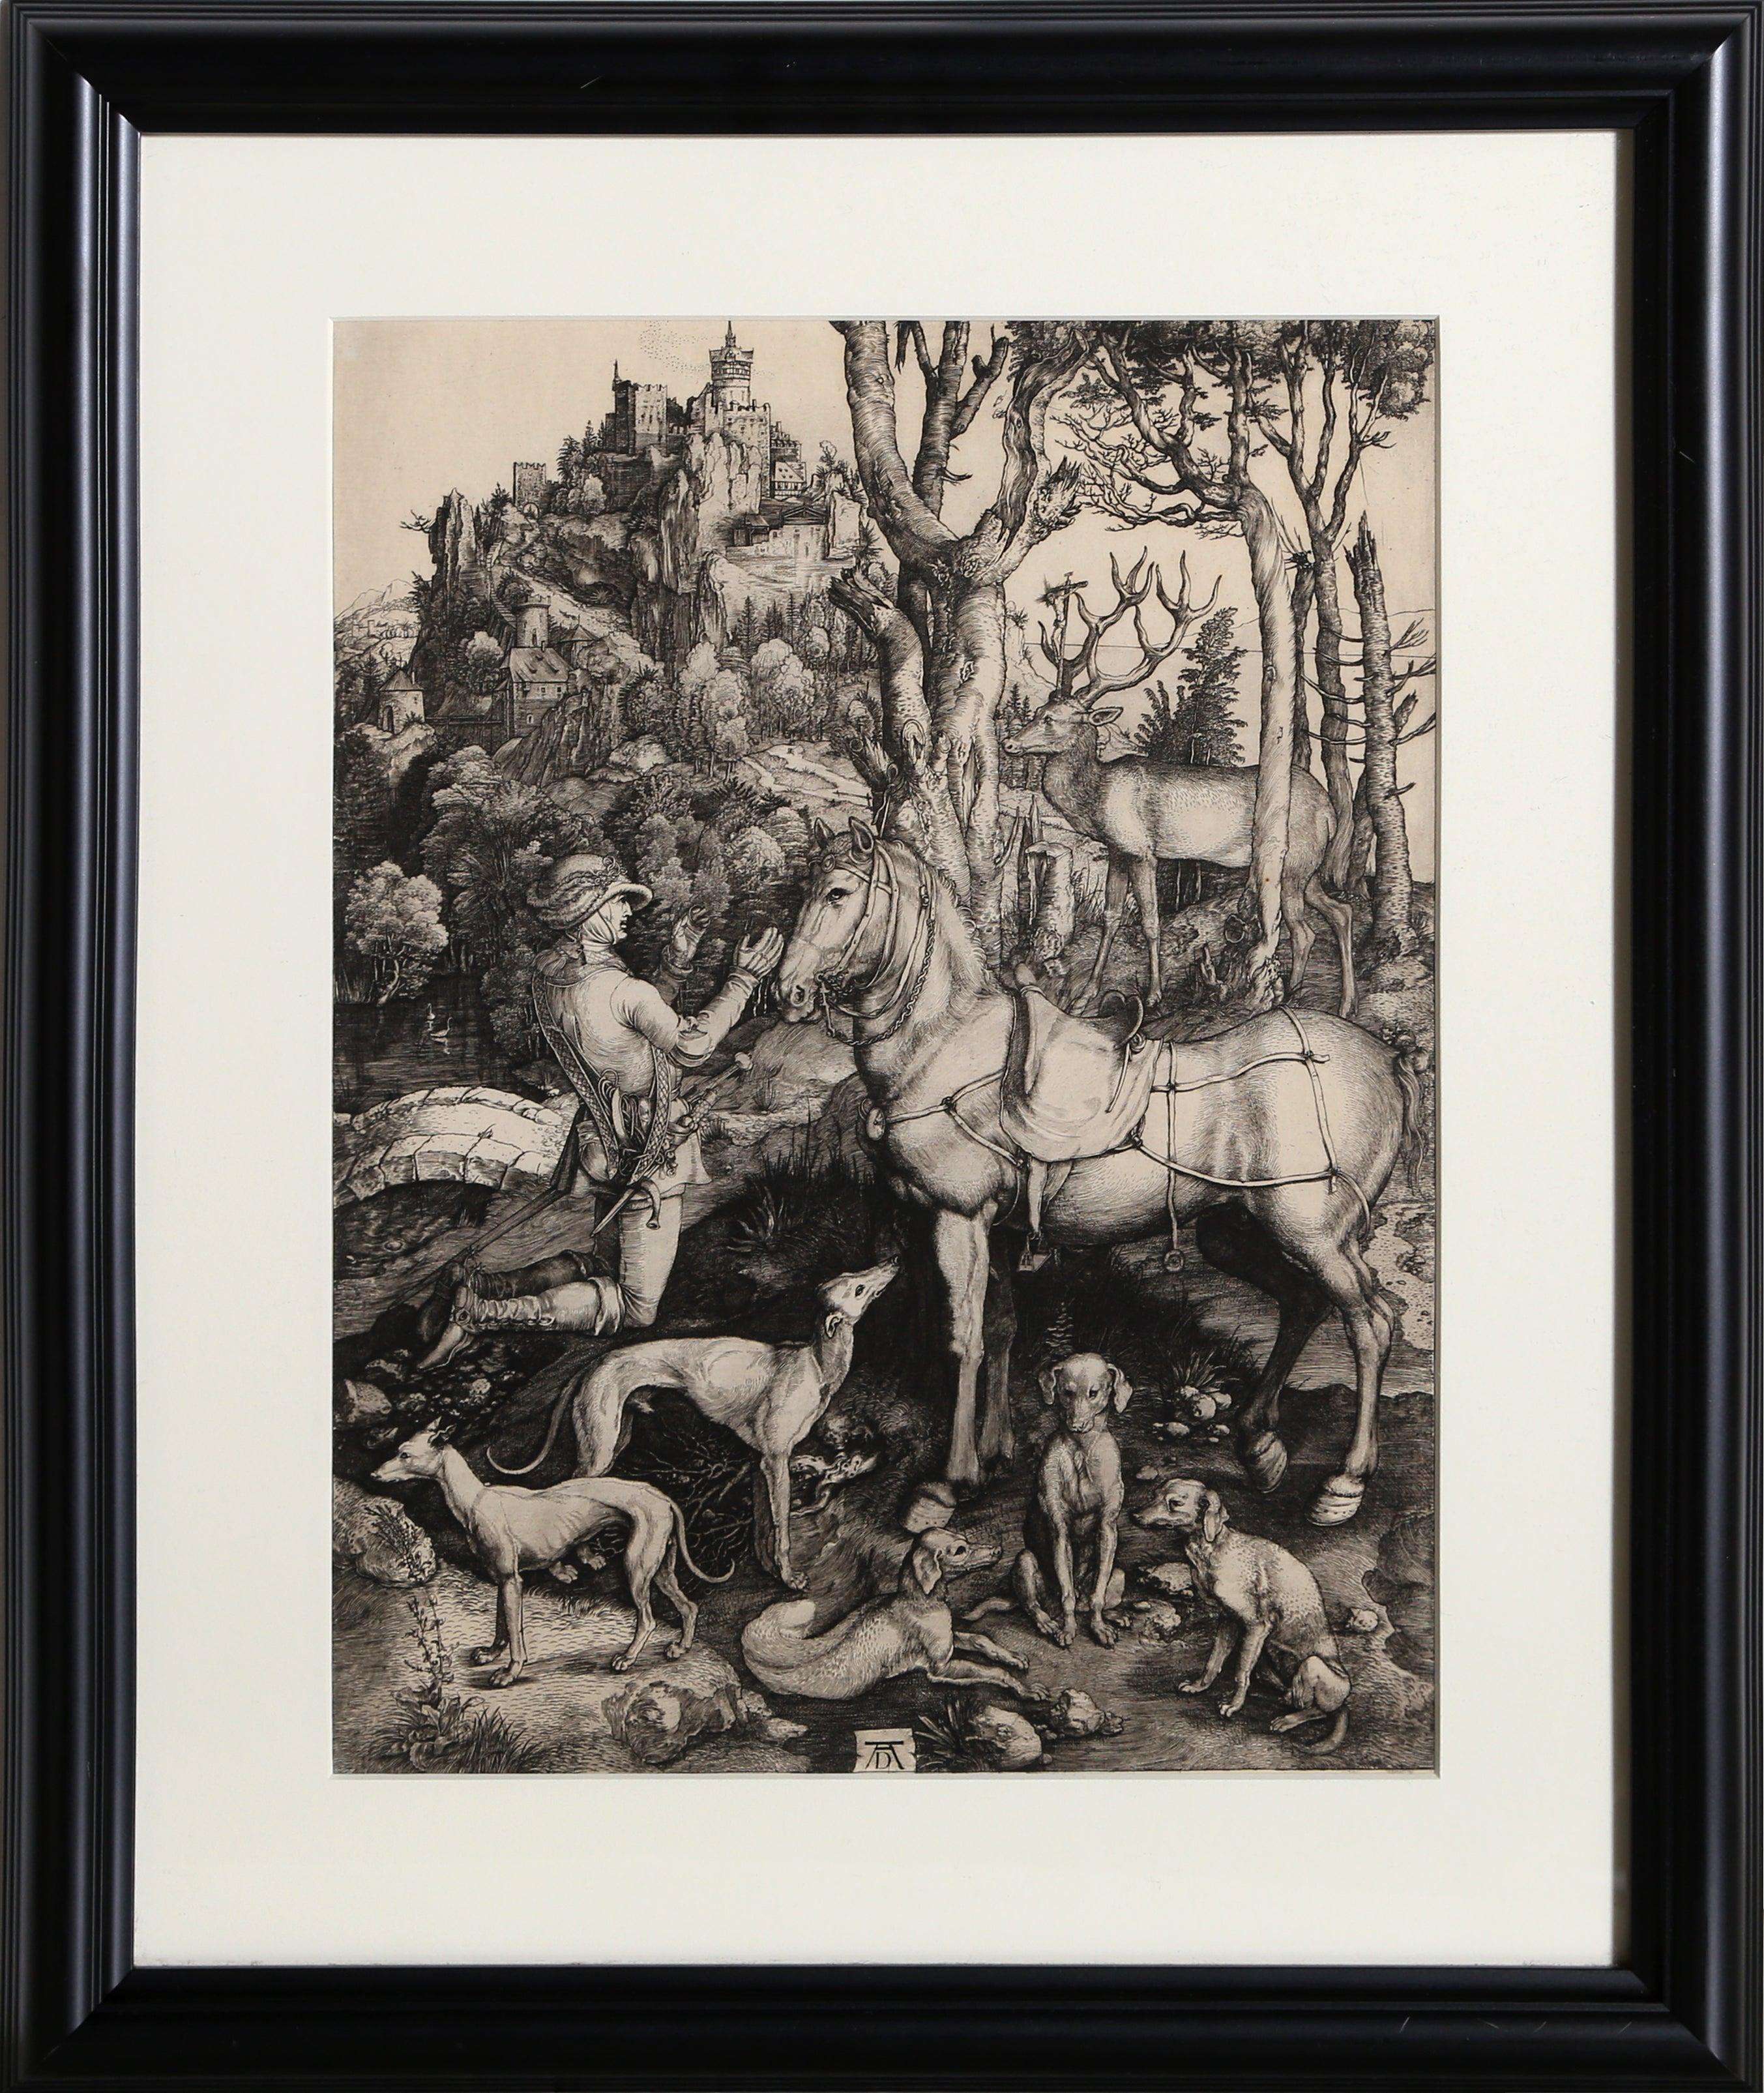 Saint Hubert etching by Amand-Durand after Albrecht Durer